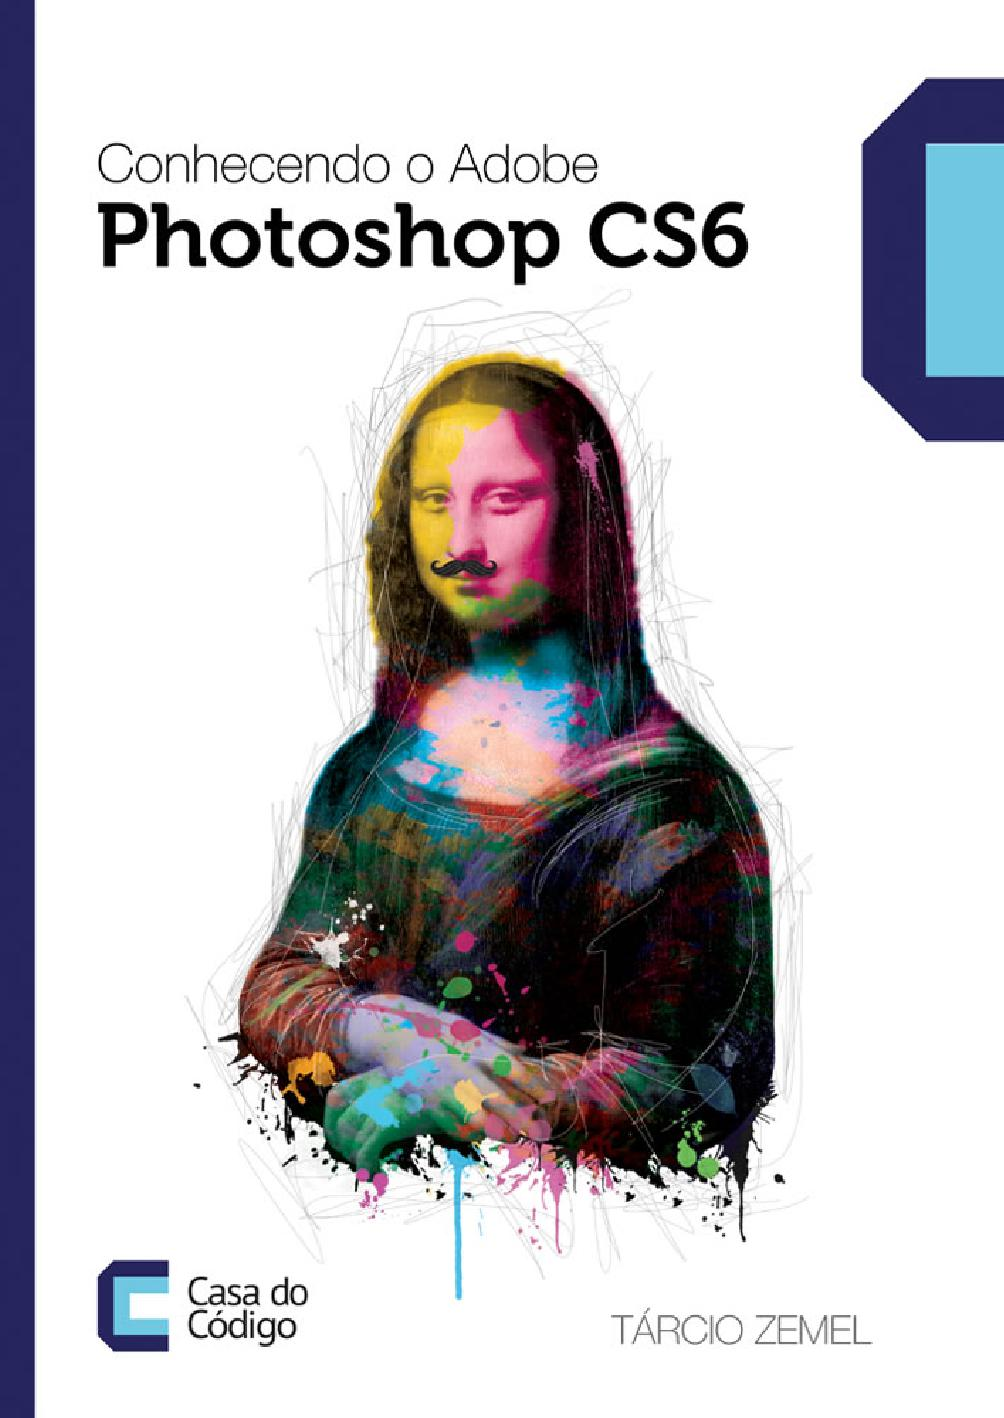 Kniga Conhecendo O Adobe Photoshop Cs6